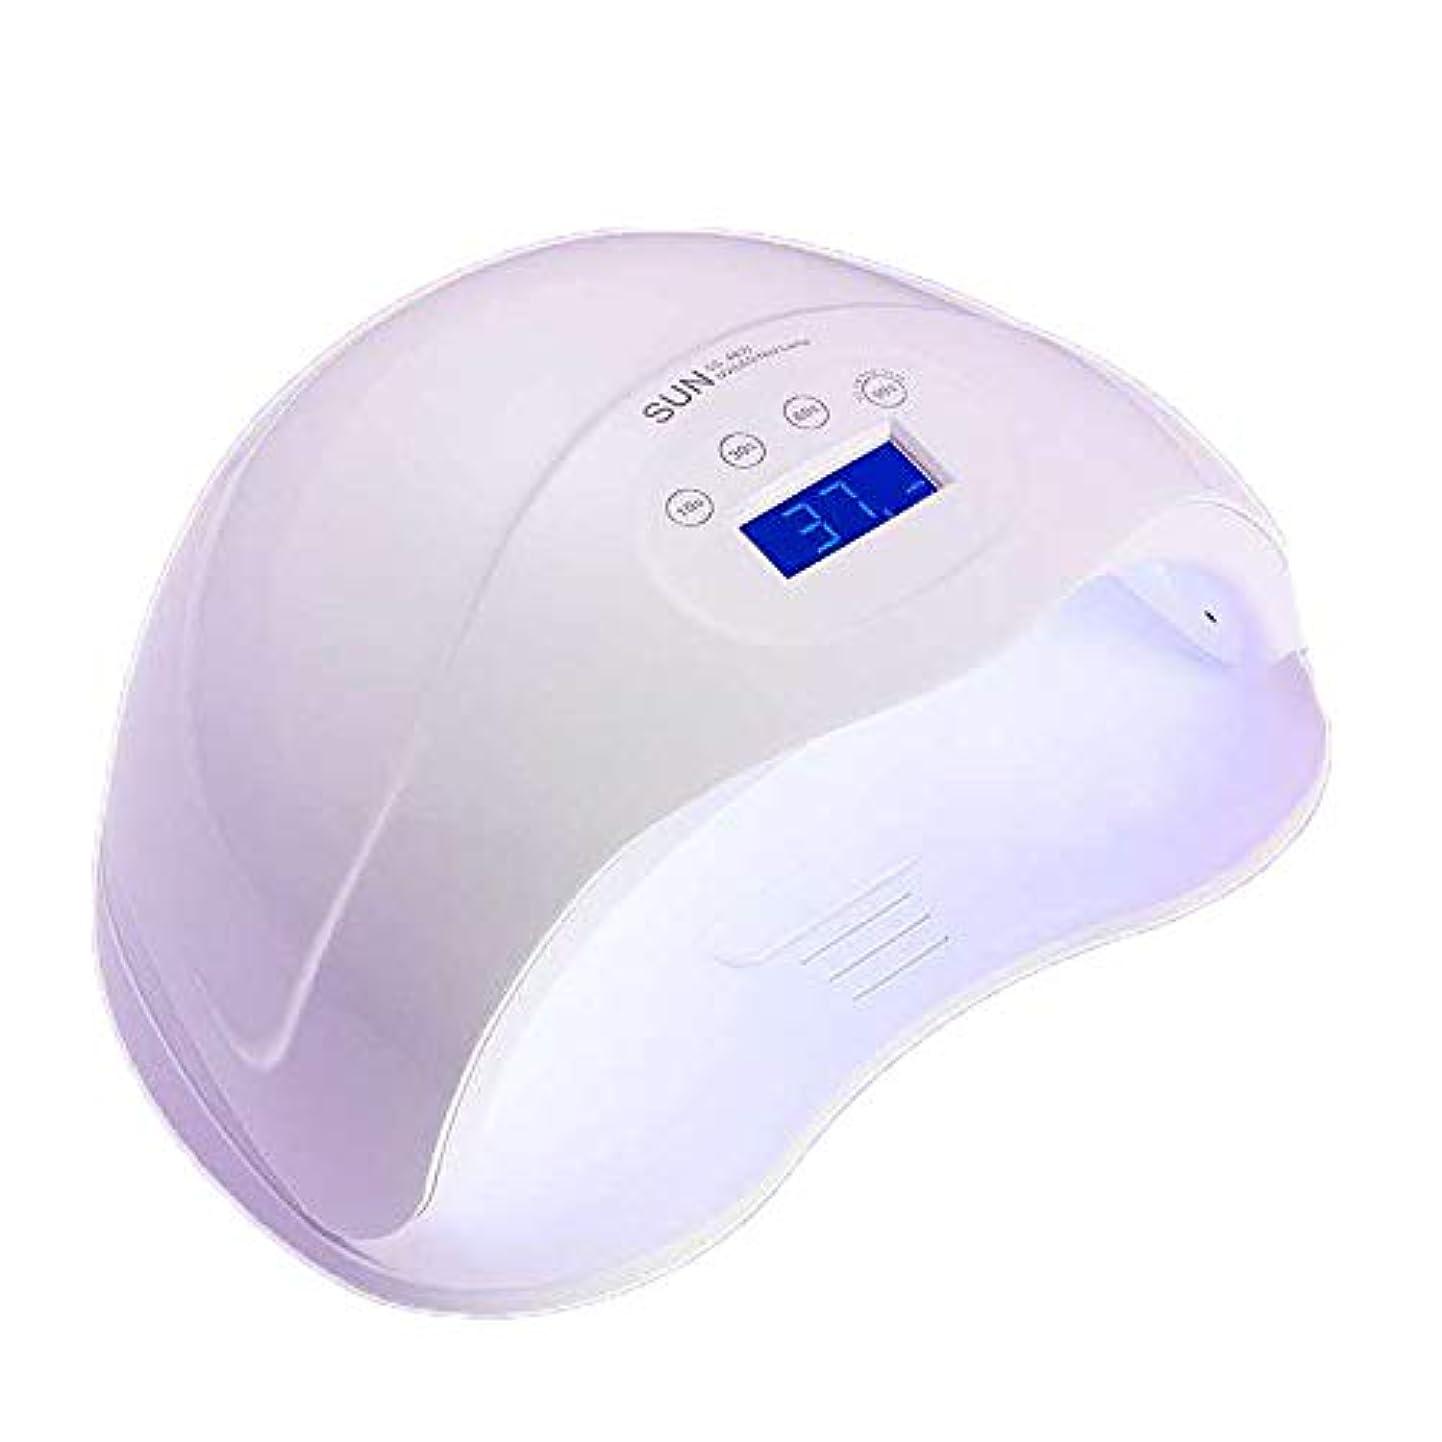 慣れているキャンセル荷物ネイルライト48W、UV/LEDネイルドライヤー痛みのない硬化光自動誘導LEDディスプレイ3タイマーセットネイルとトーネイルジェルポリッシュ